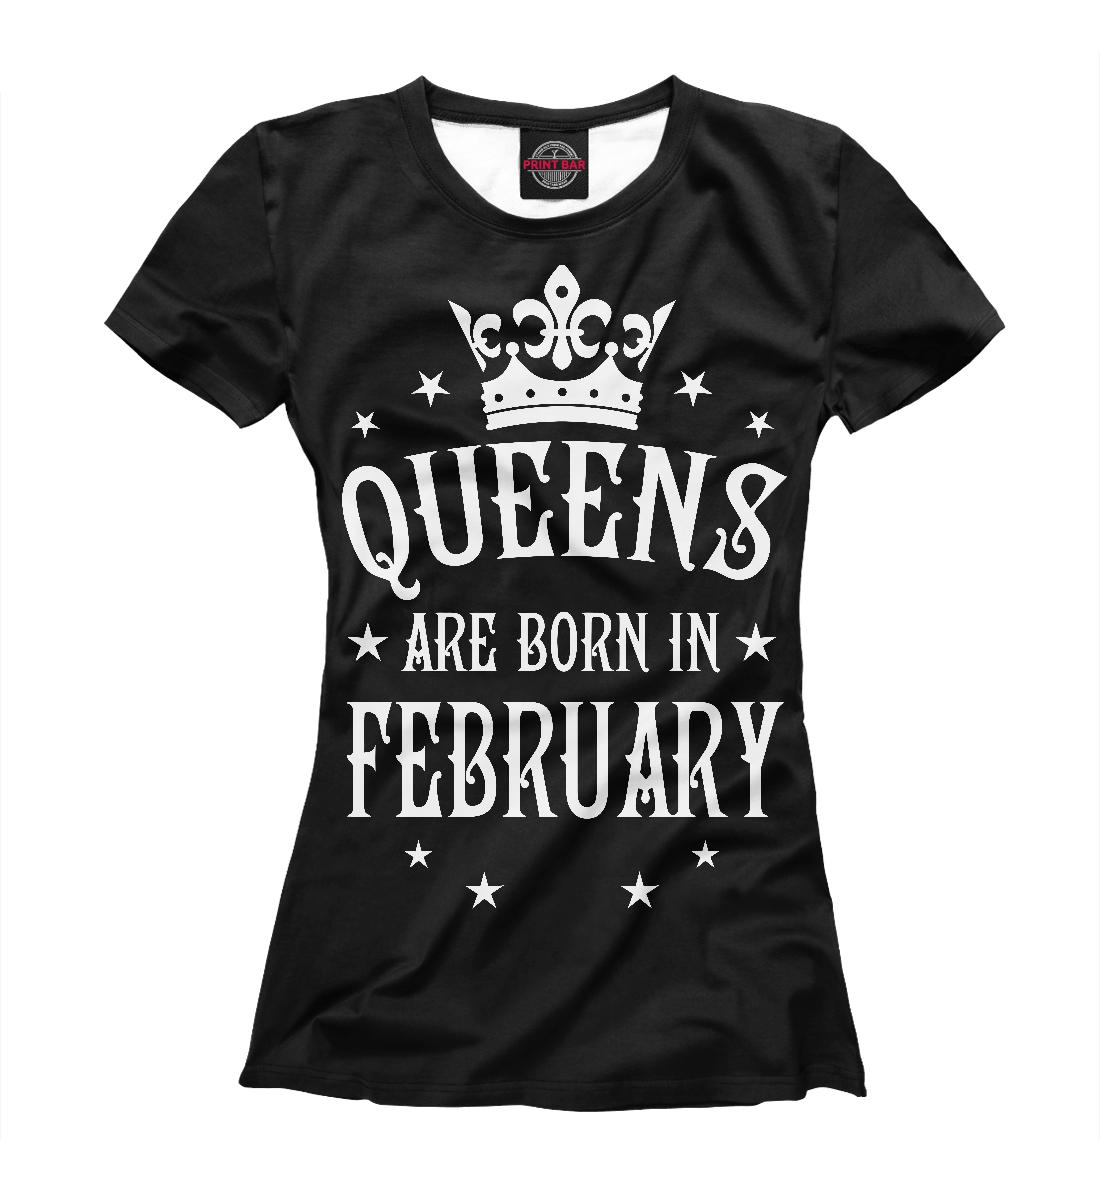 Купить Королевы рождаются в феврале, Printbar, Футболки, DRZ-497726-fut-1